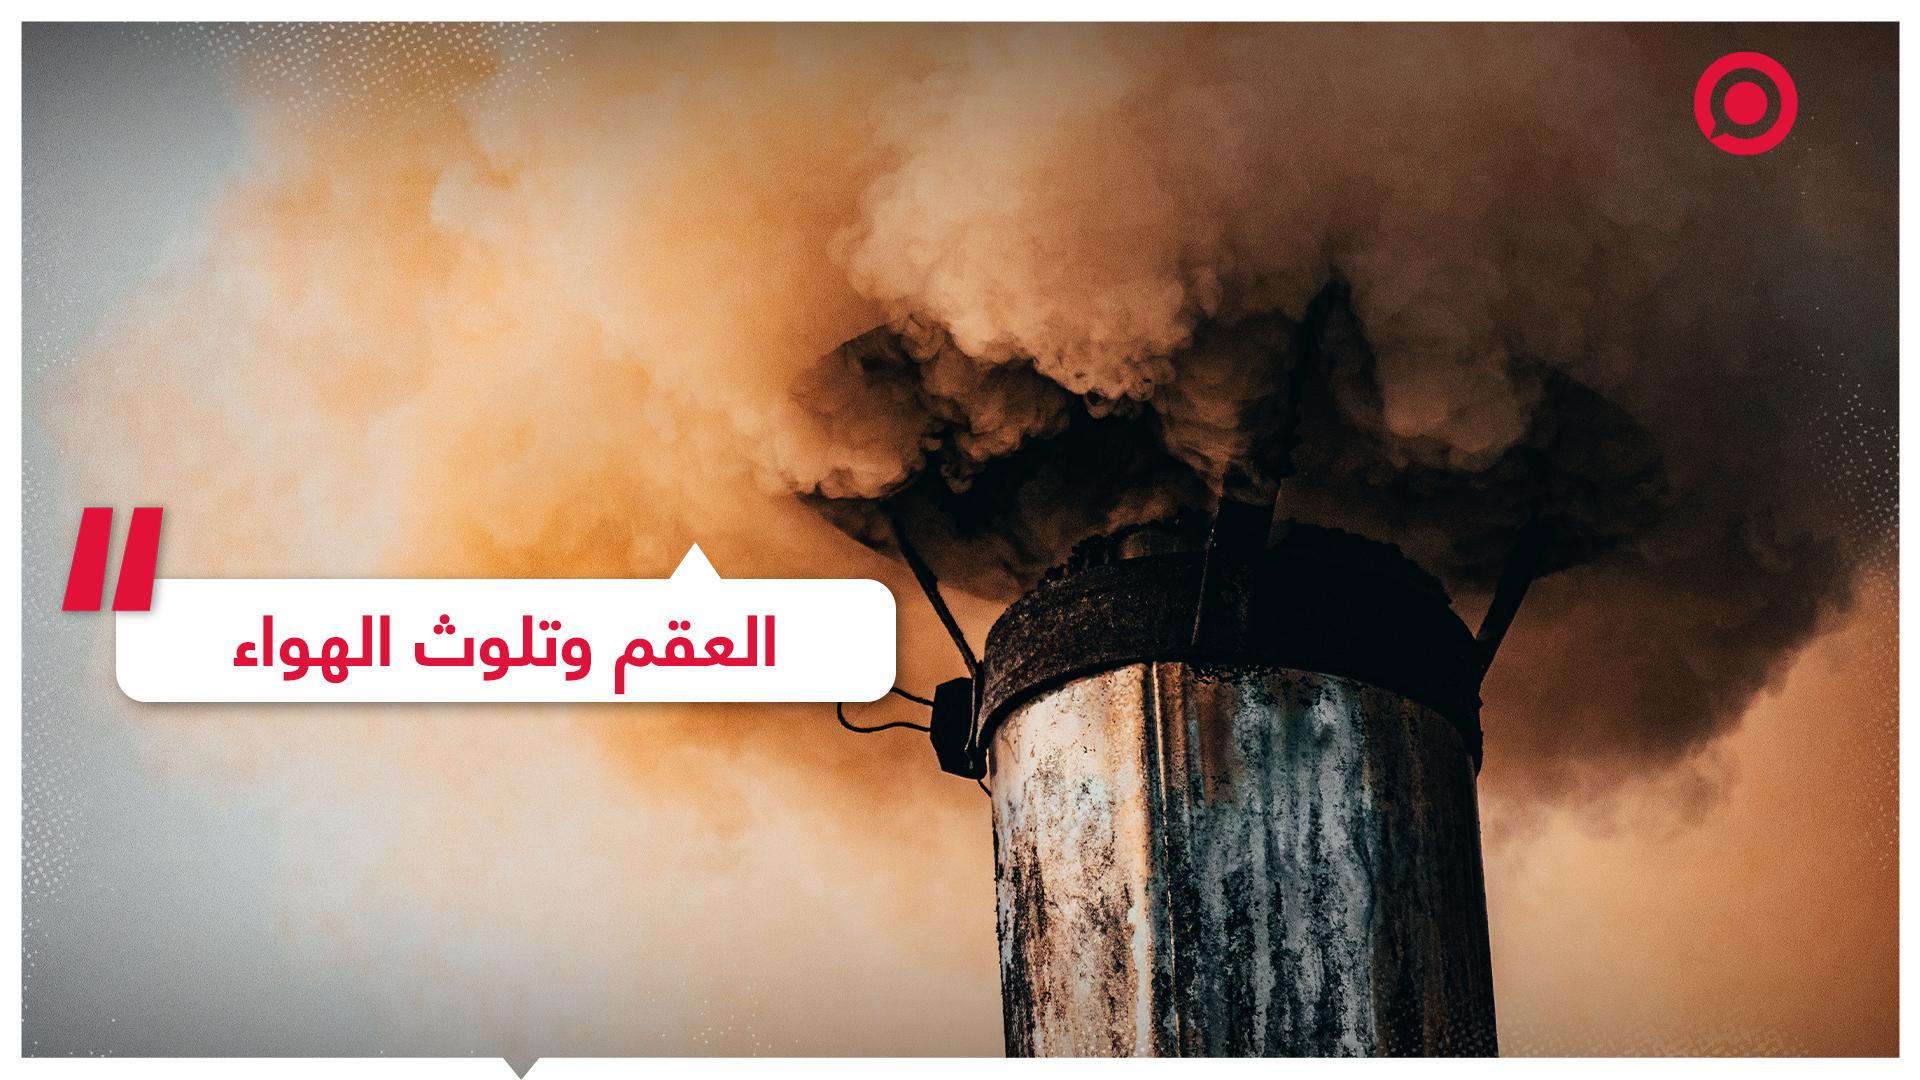 دراسة: الهواء الملوث مرتبط بالإصابة بالعقم